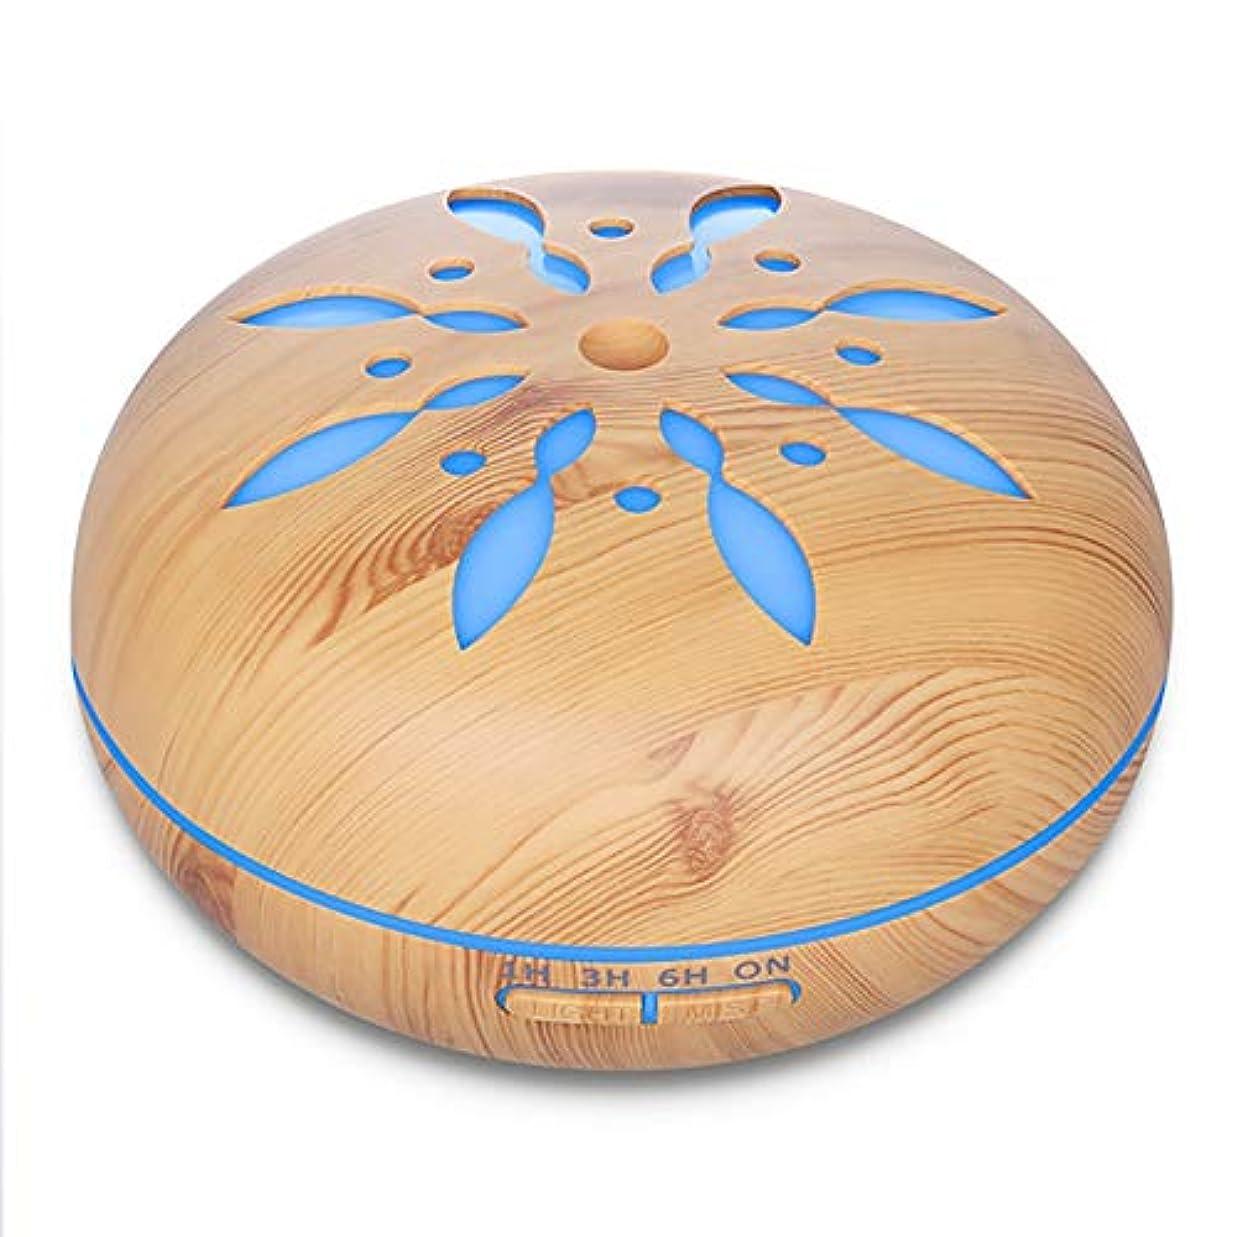 選出する性交論文アロマセラピー超音波加湿器300ml エッセンシャルオイルディフューザー7色 LED 4 タイマー空気清浄ベビー加湿器ホームオフィスベビーベッドルーム